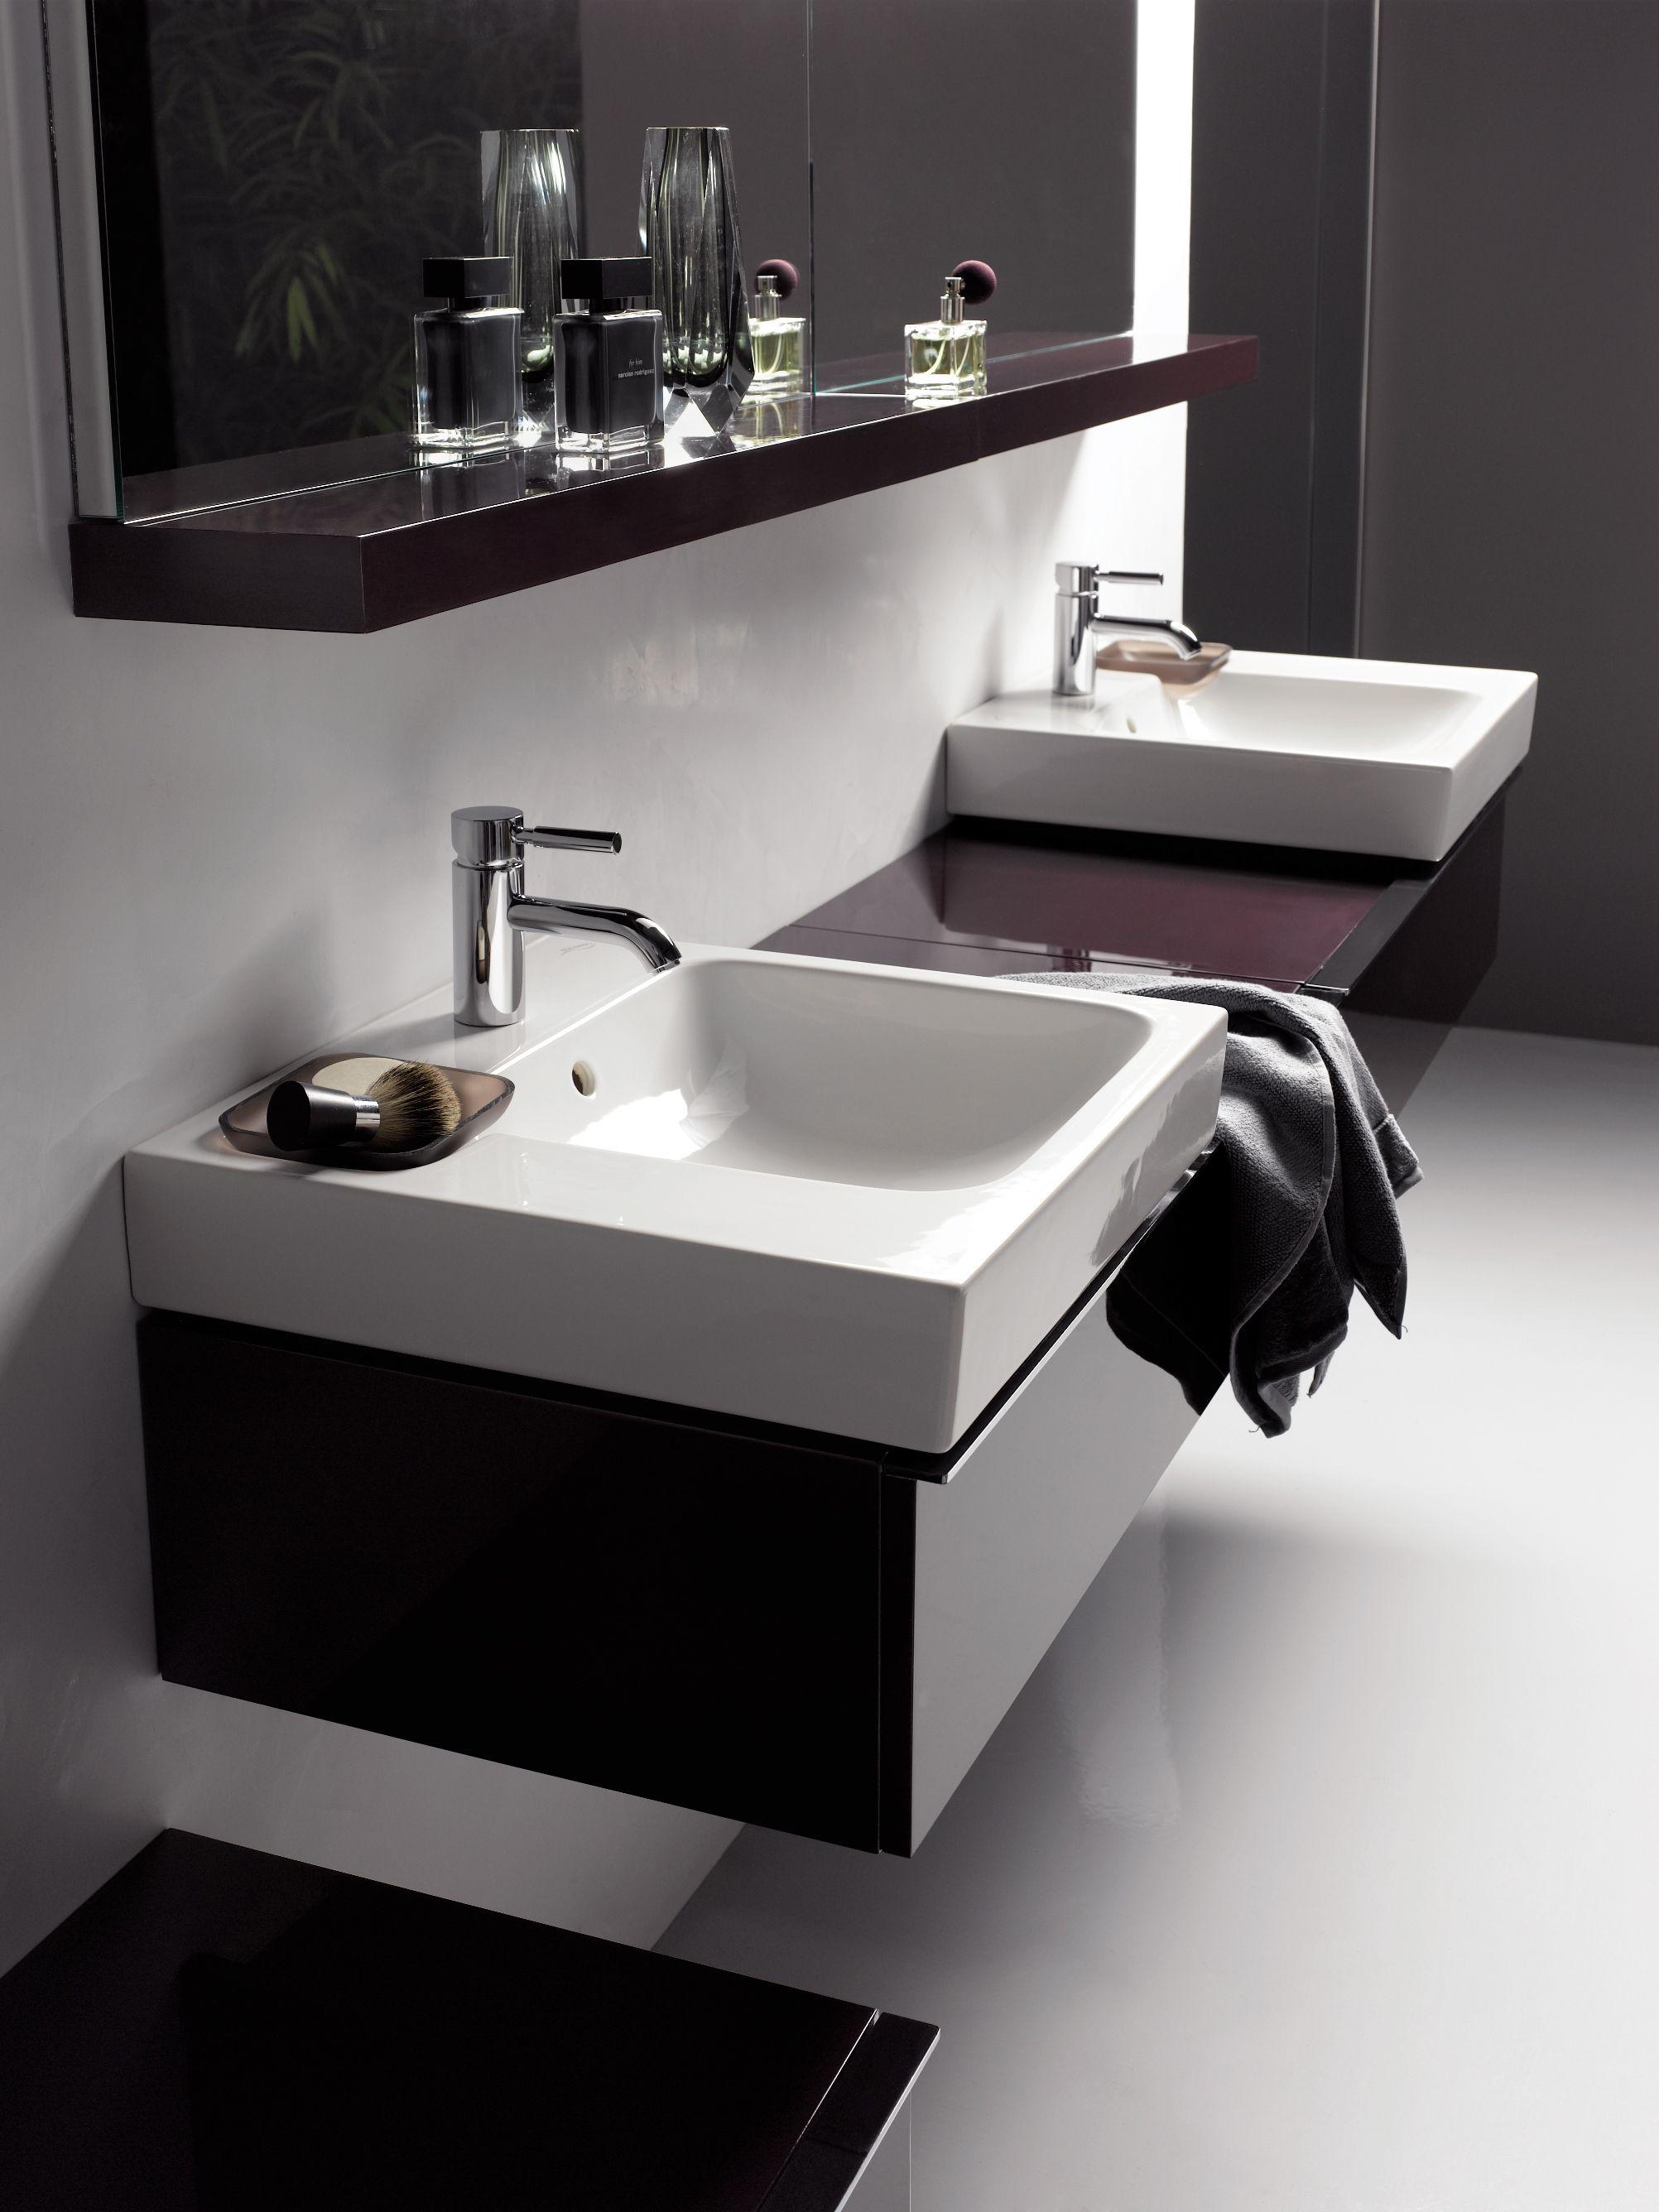 sphinx 345 badkamerserie badkamers sanitair pinterest